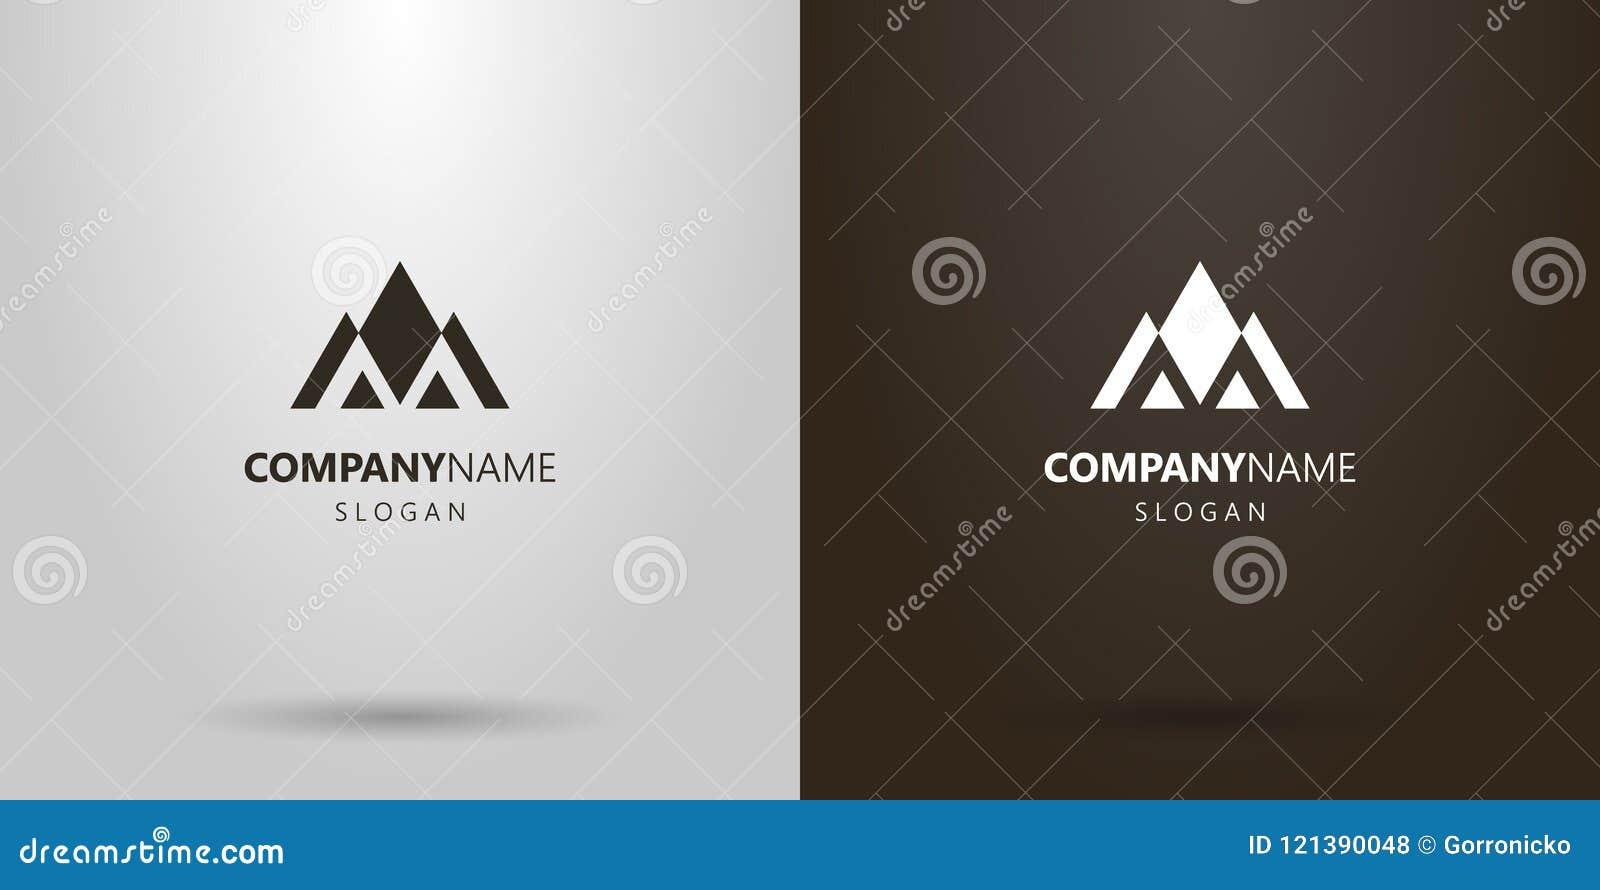 Logotipo geométrico del vector simple de un paisaje de la montaña de figuras triangulares